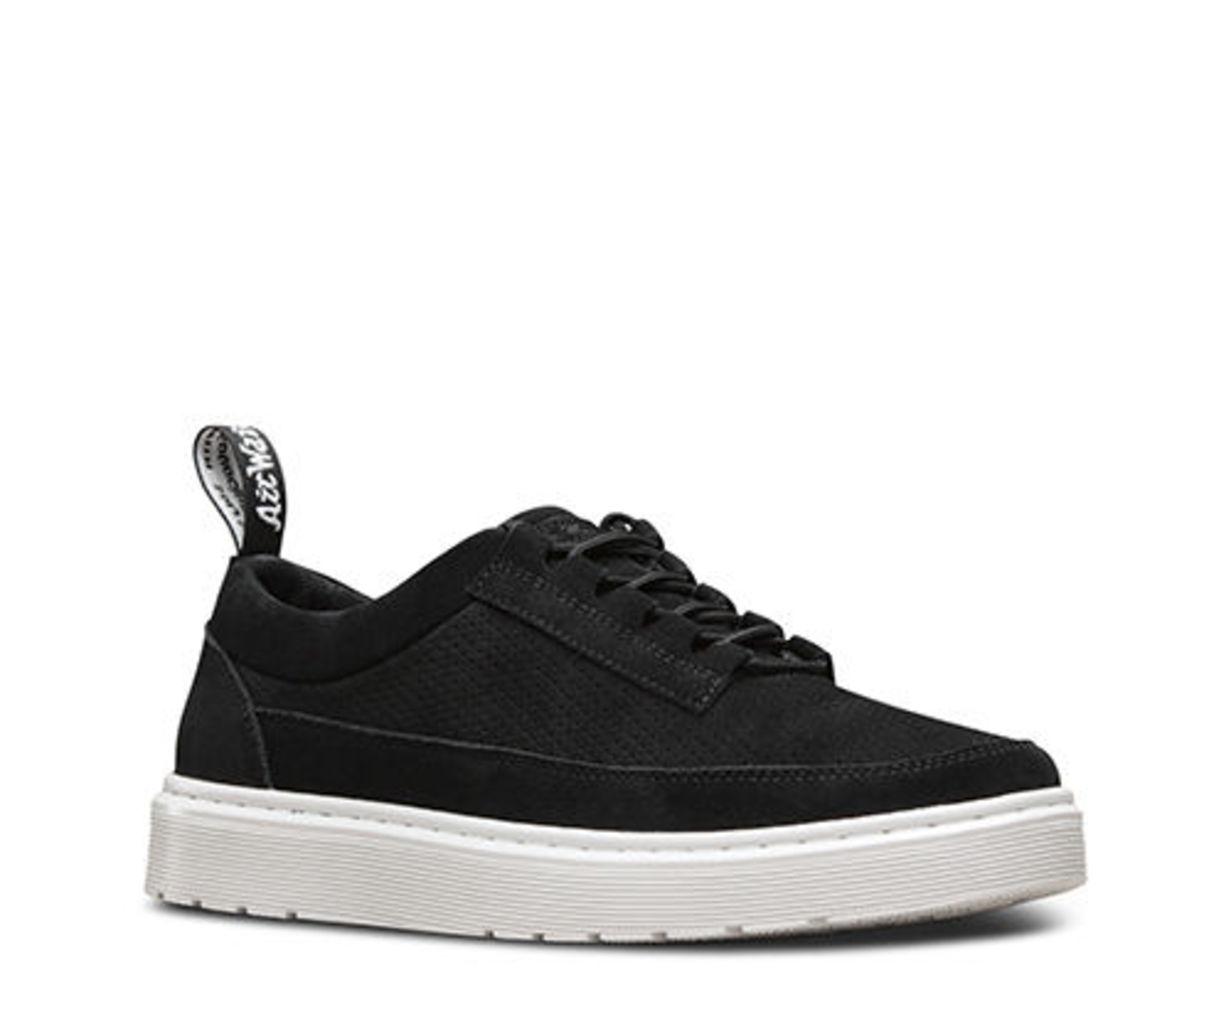 Reuban Shoe